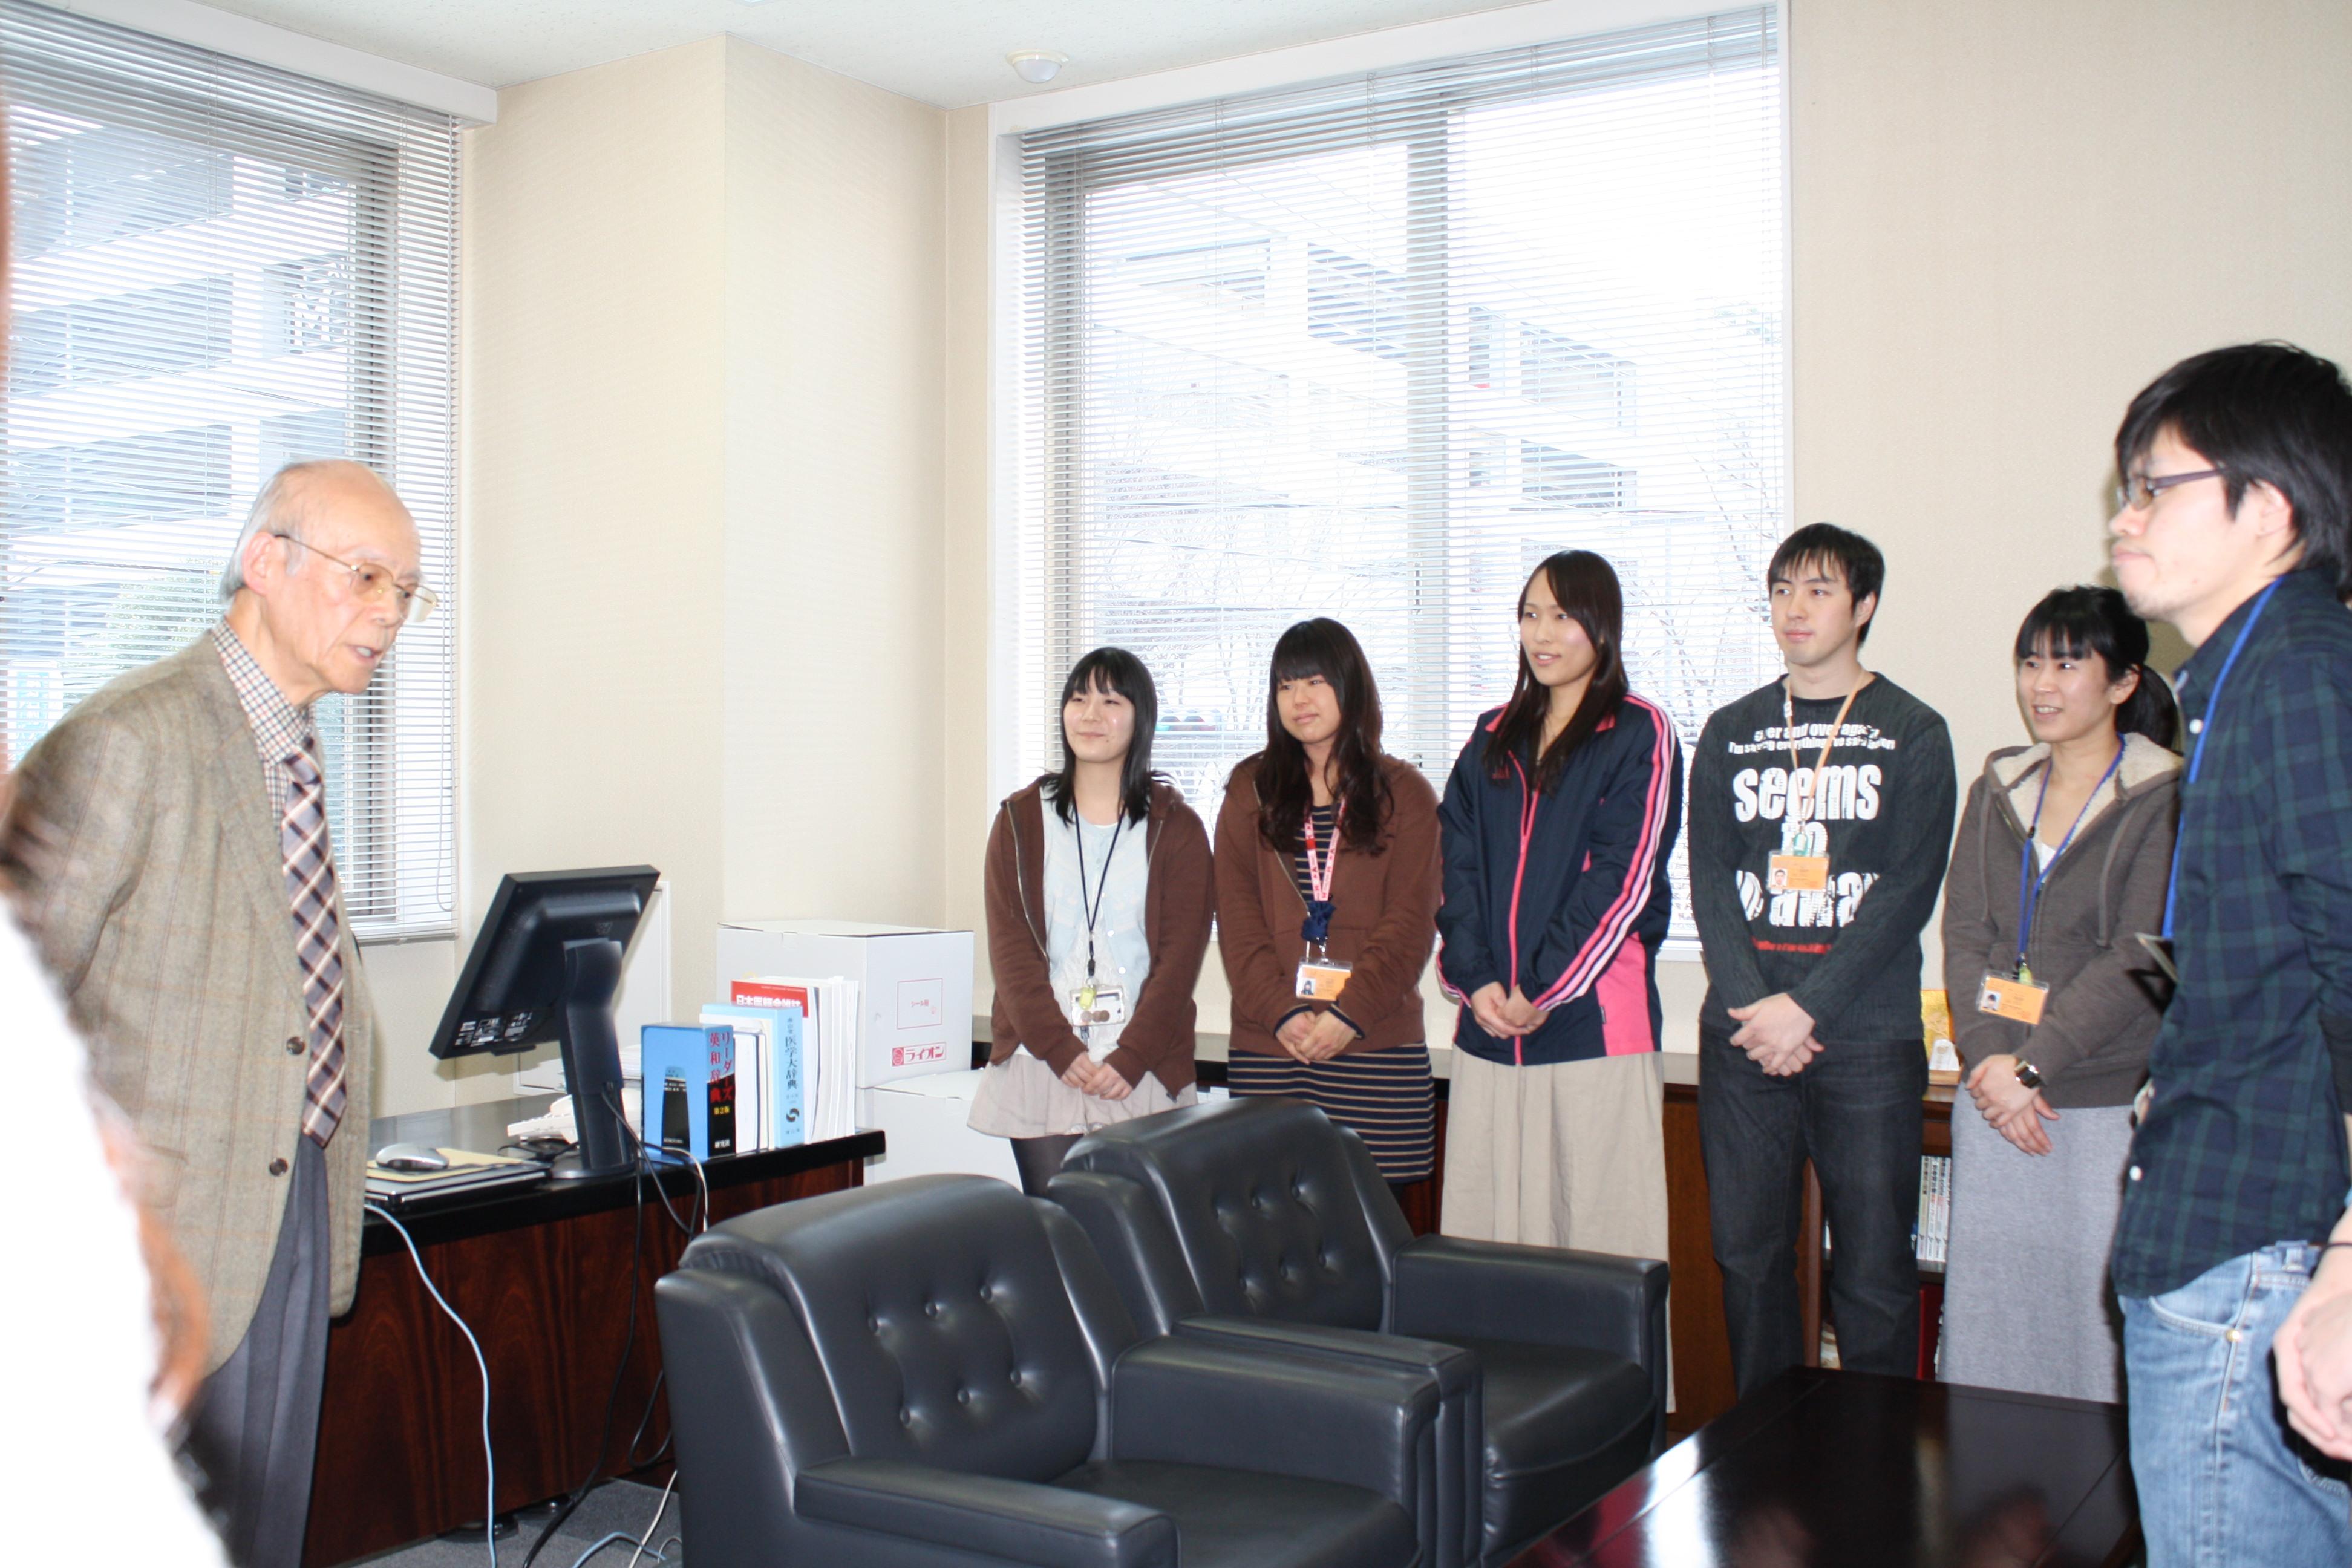 横浜リハビリテーション専門学校 公式ブログ: 国家試験についてアーカイブ